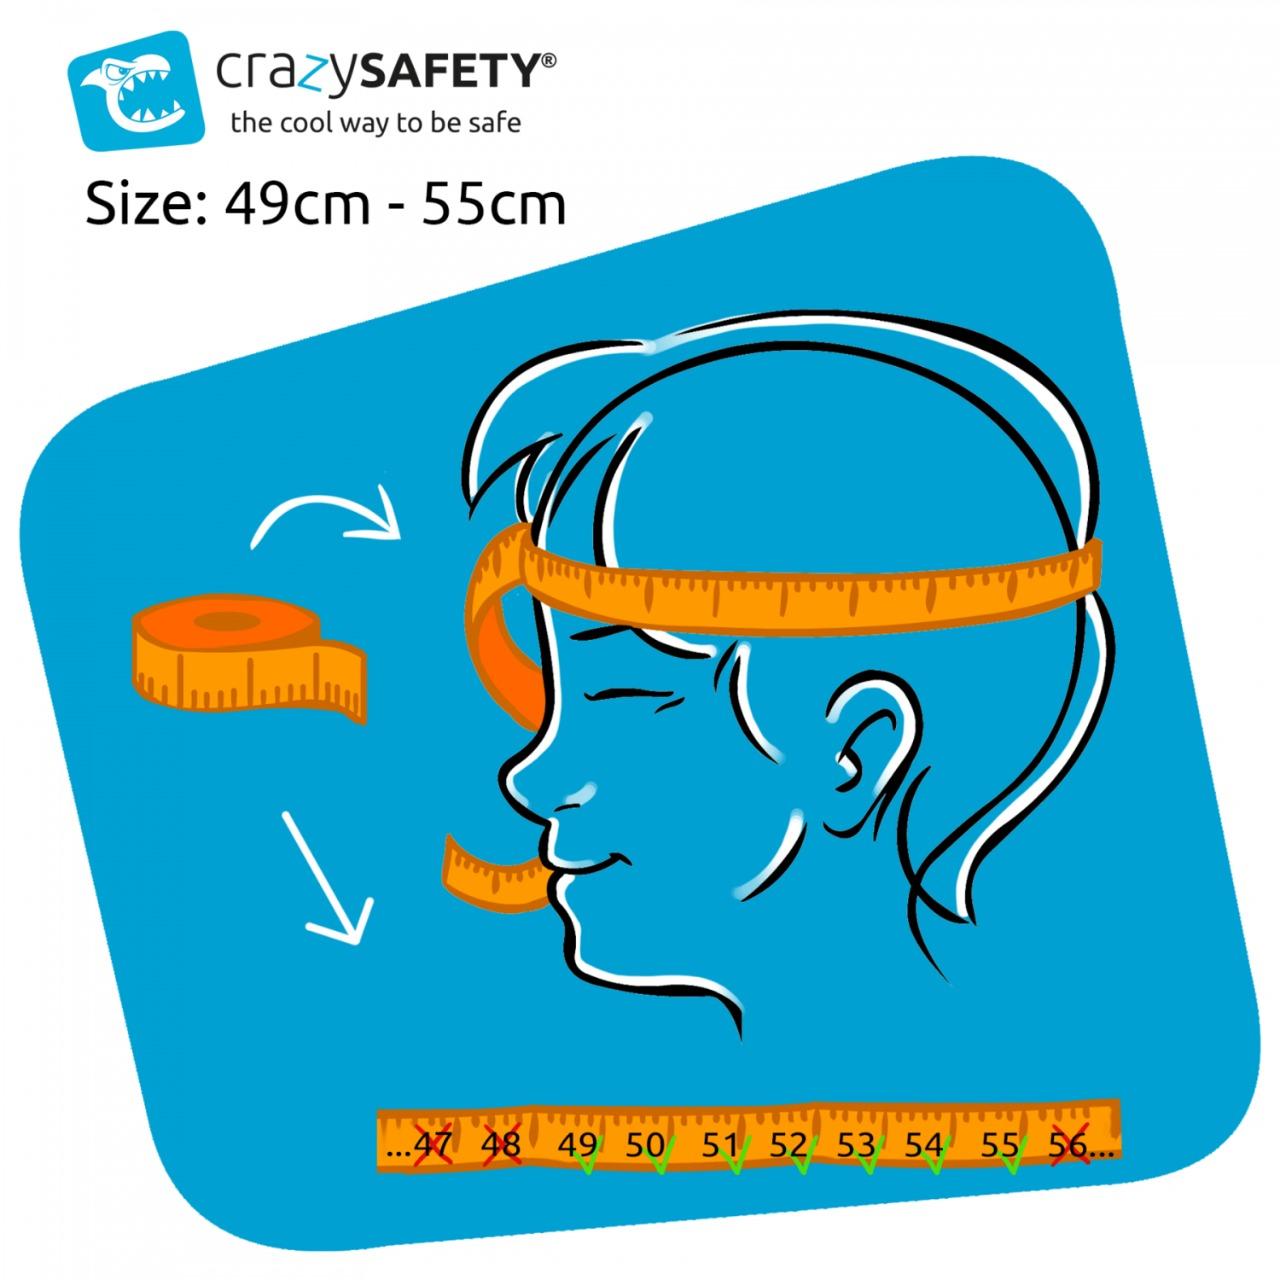 CAPACETE DE CICLISMO INFANTIL CRAZY SAFETY SHARK